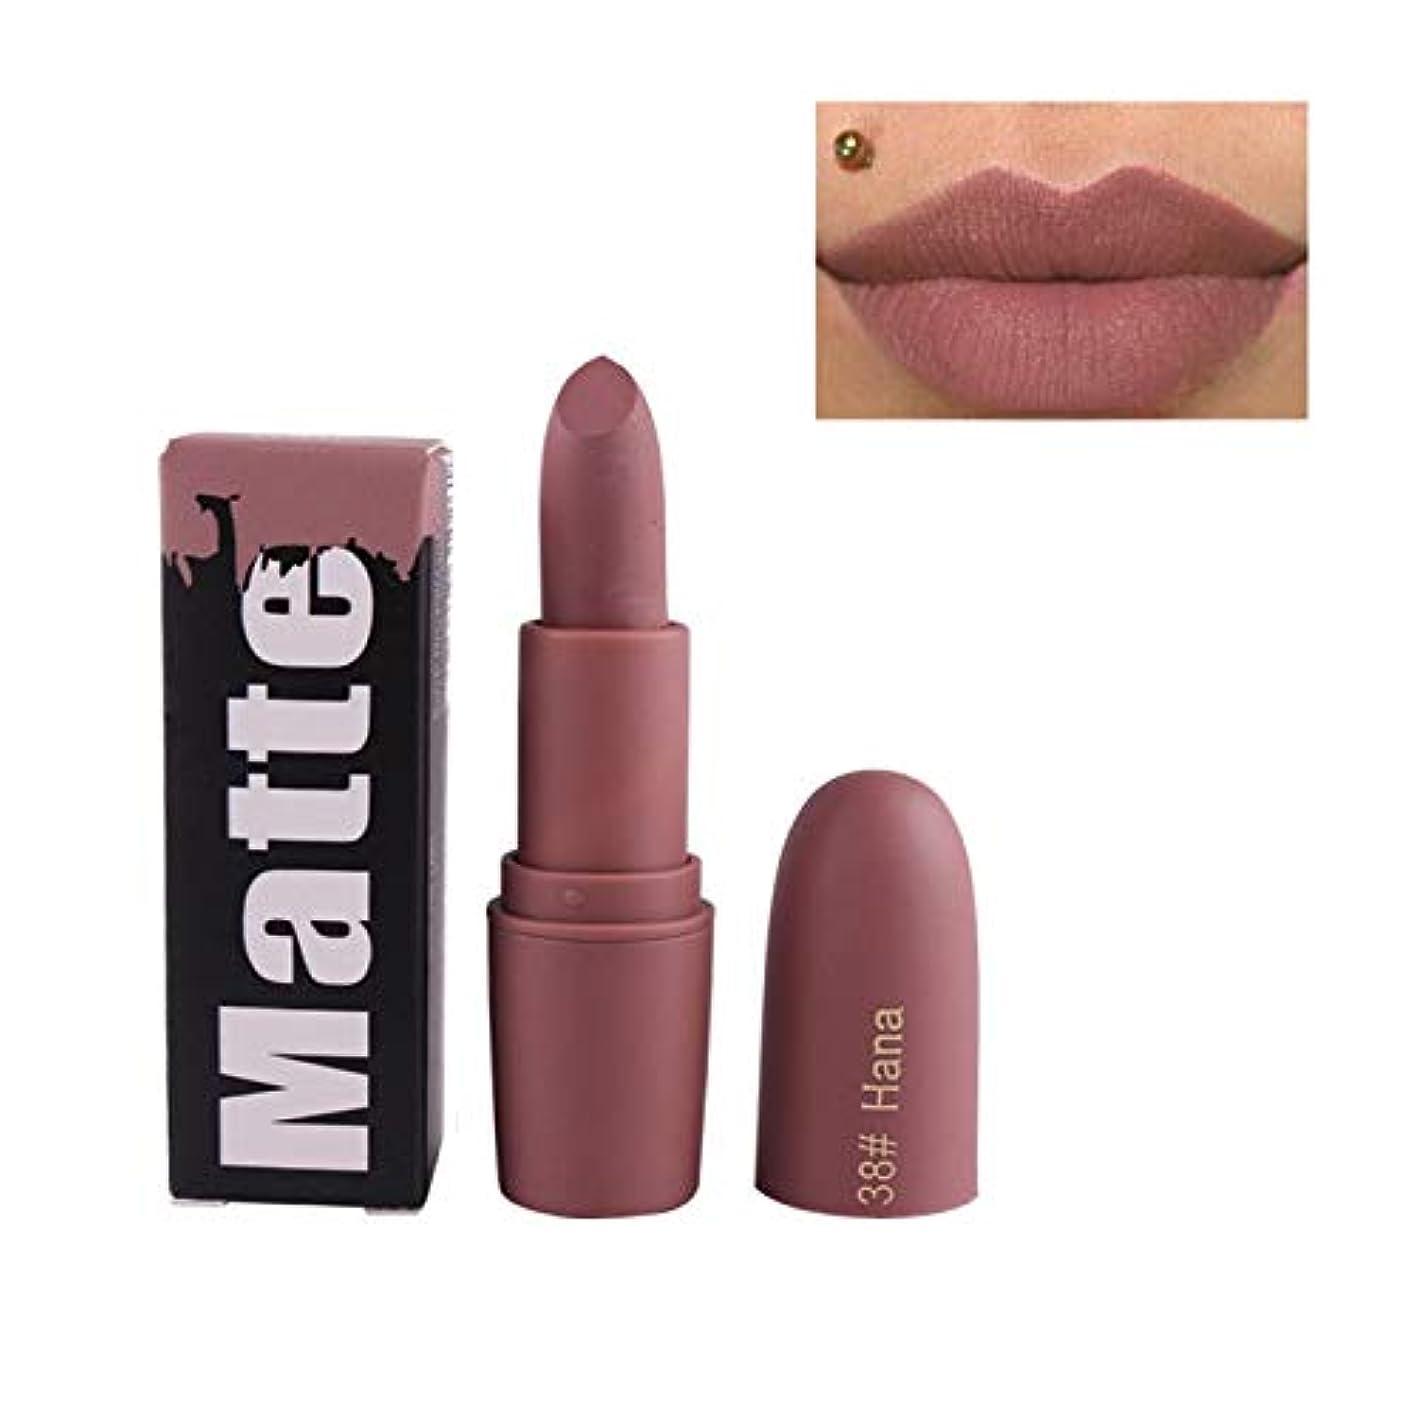 あえてフィッティング粘着性Gyvoxz - ミス?ローズヌード口紅マットメイクラスティング女性セクシーなブランドの唇の色の化粧品防水ロングの新着口紅[38]